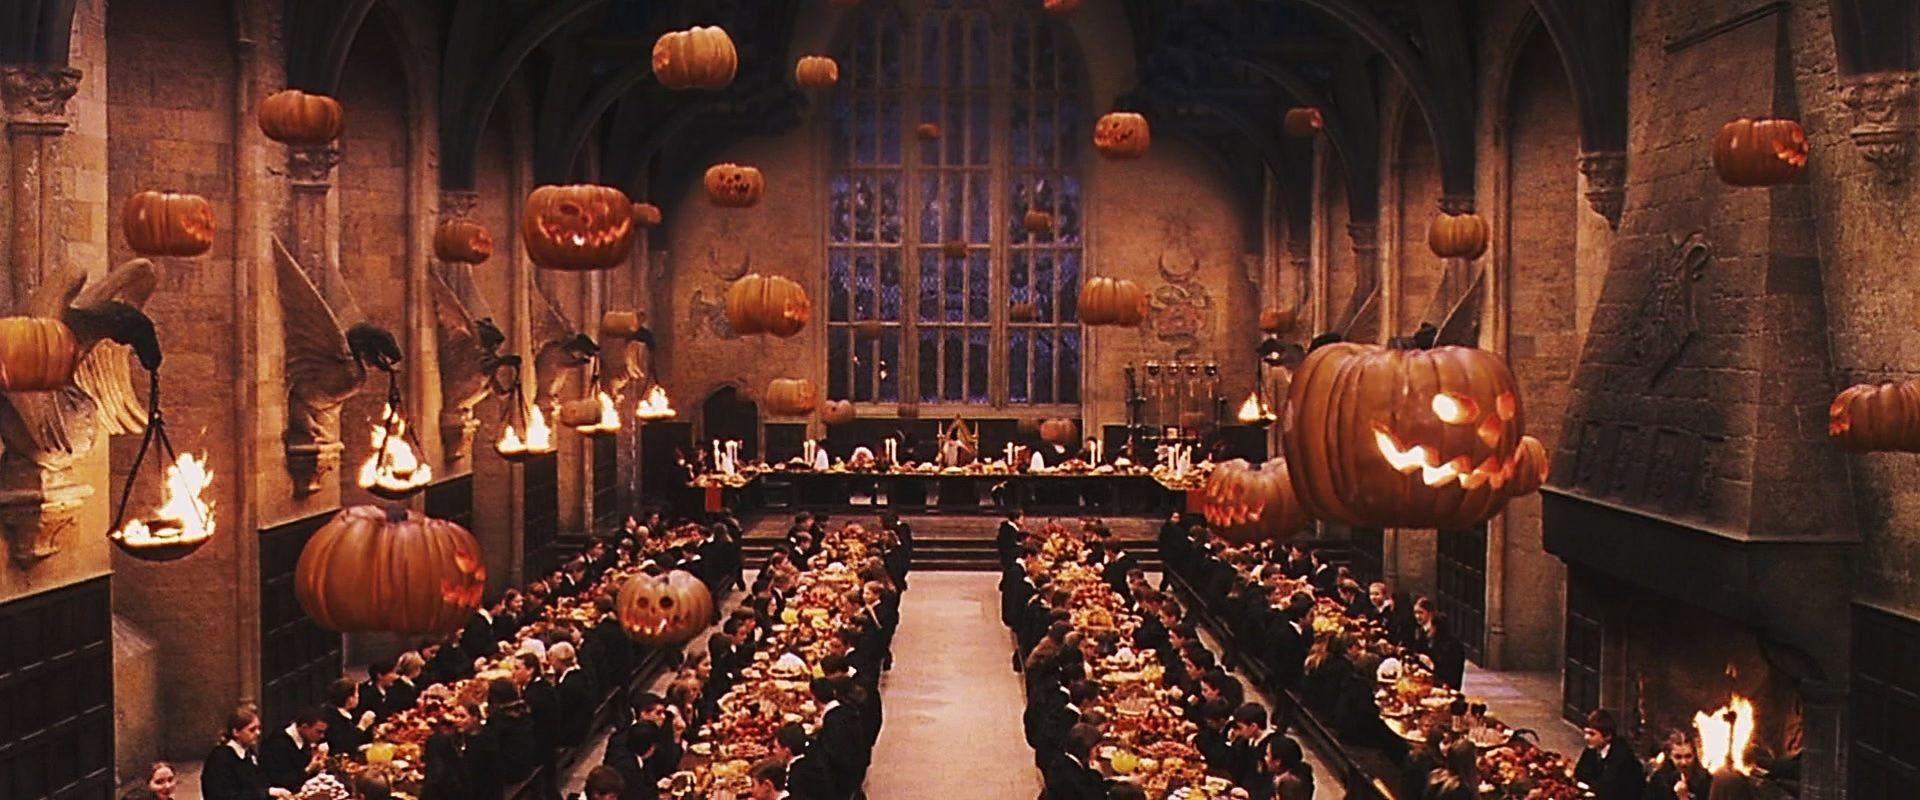 Most Inspiring Wallpaper Harry Potter Autumn - 6ef491fa15de07349339d958e2c7a491  Pictures_12694.jpg